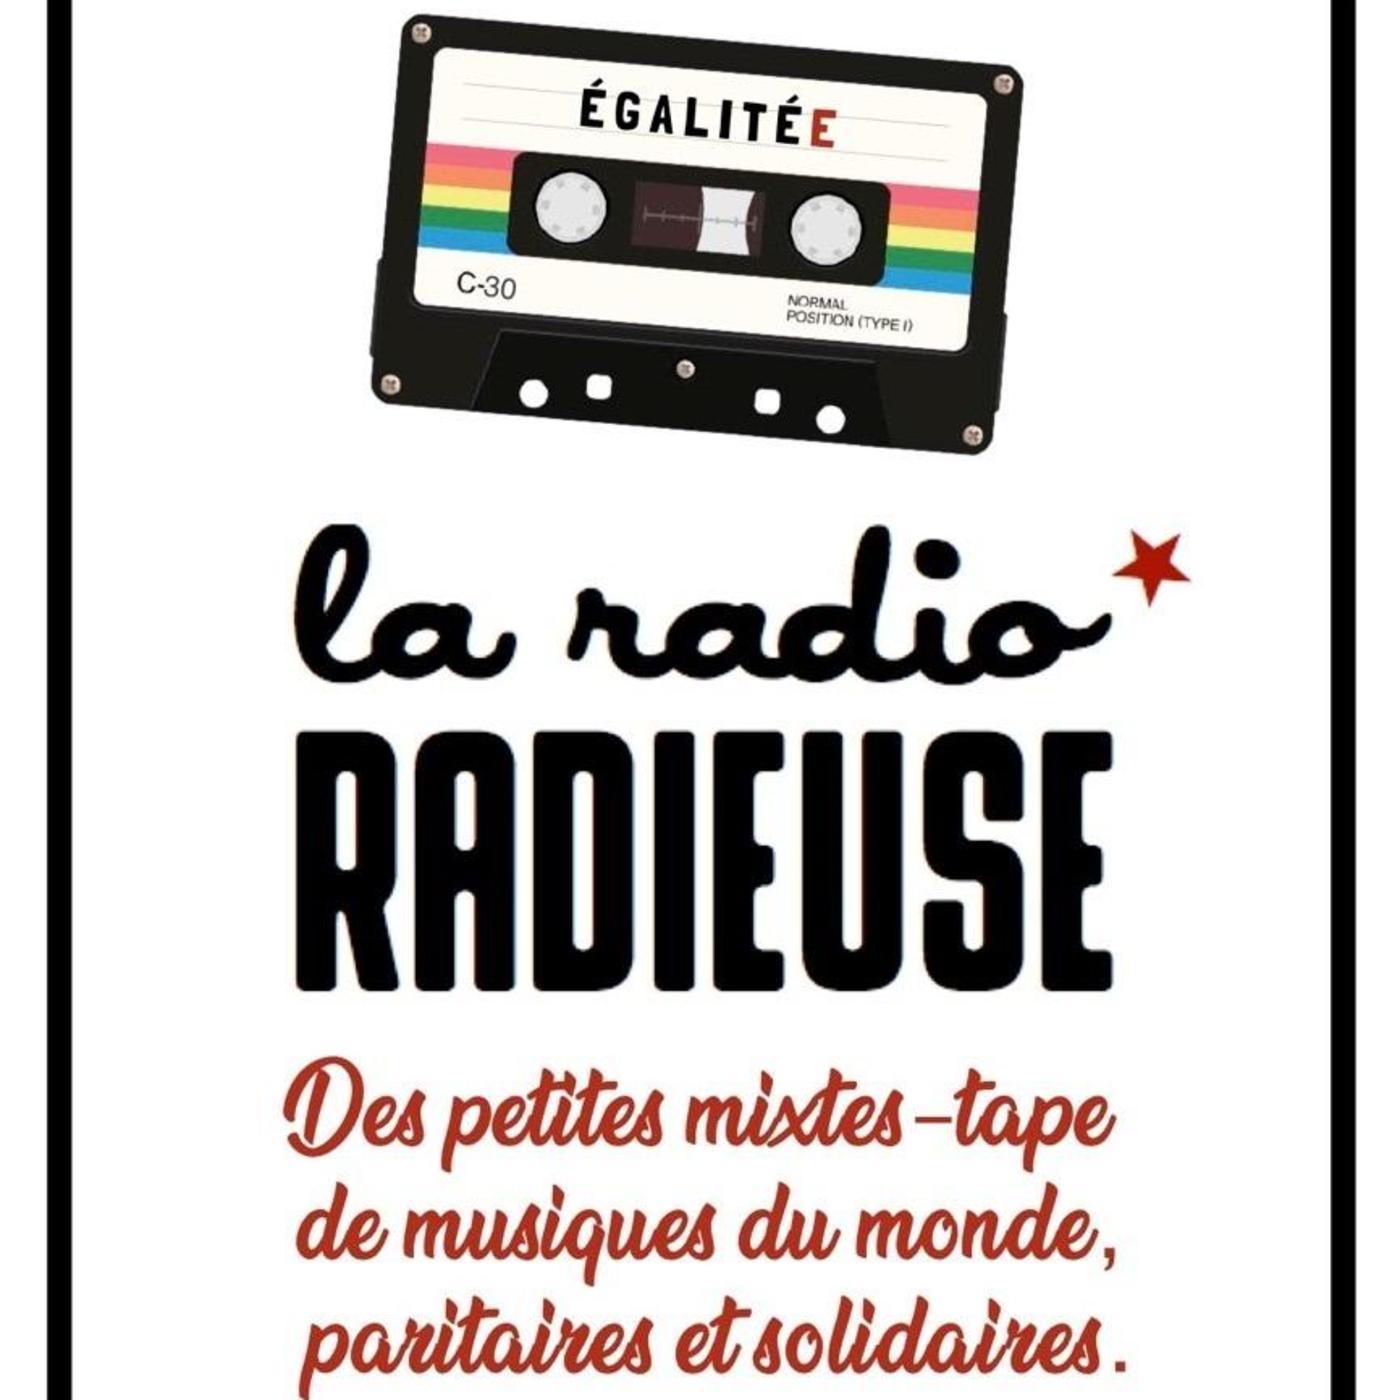 La Radio Radieuse